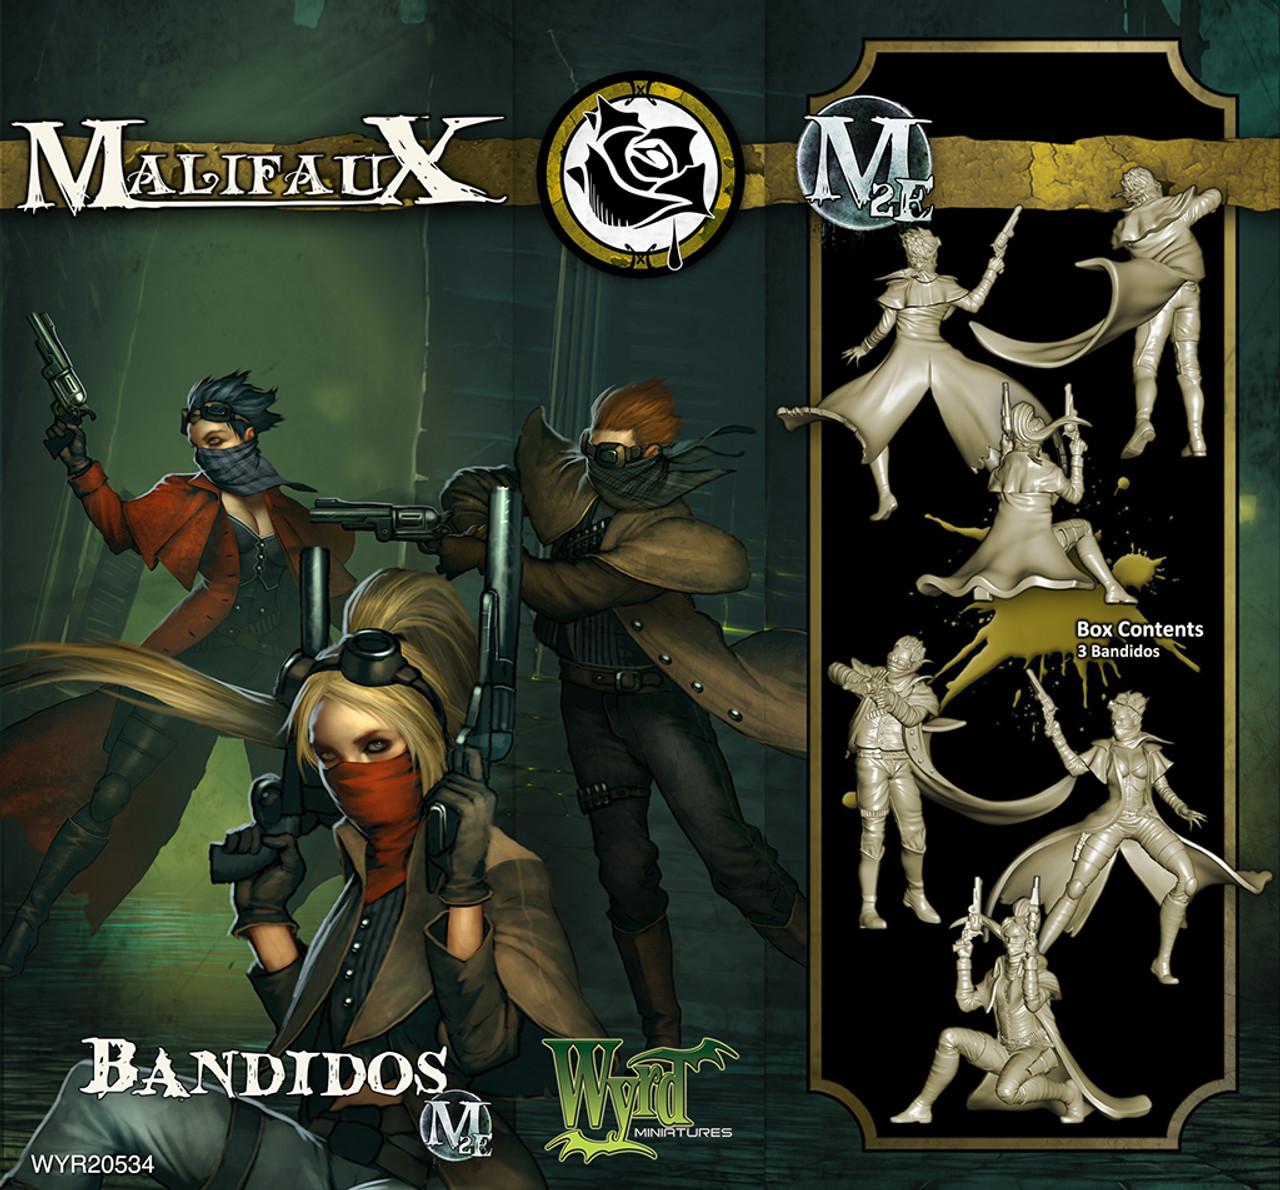 Malifaux Bandidos - Outcasts - M2E